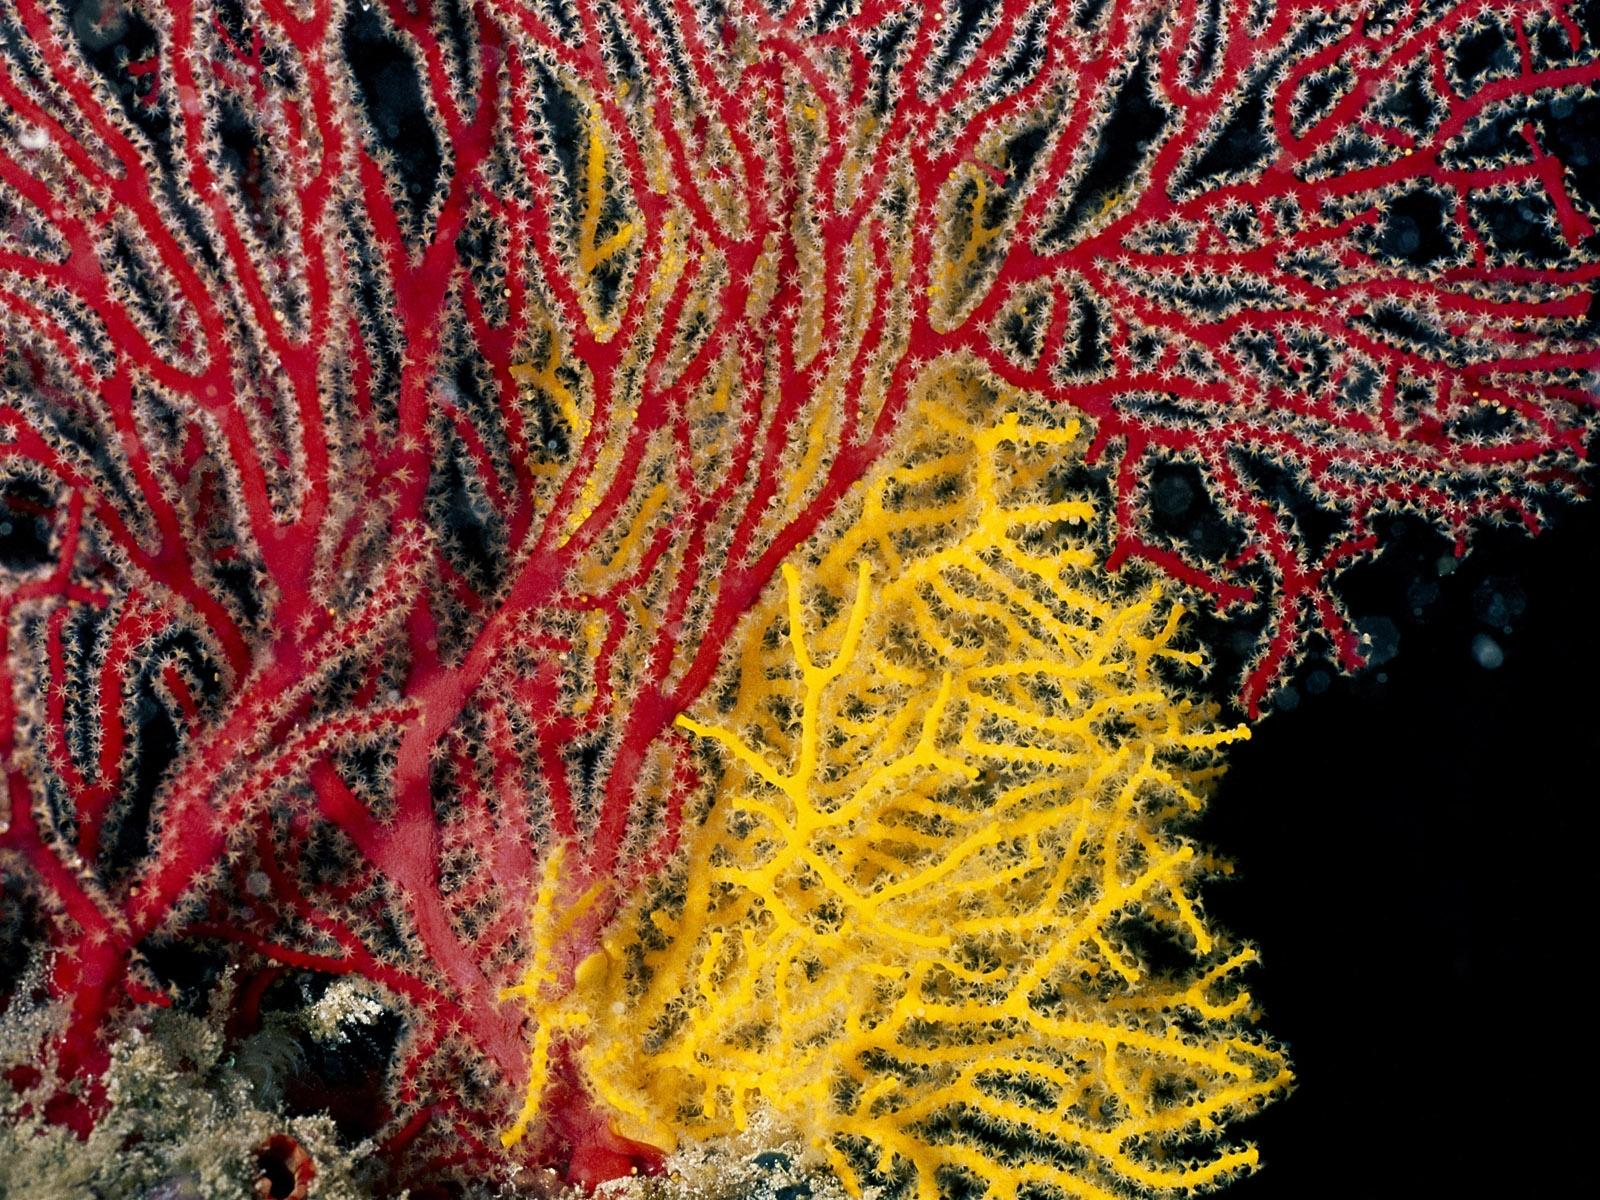 7690 скачать обои Фон, Море, Кораллы - заставки и картинки бесплатно